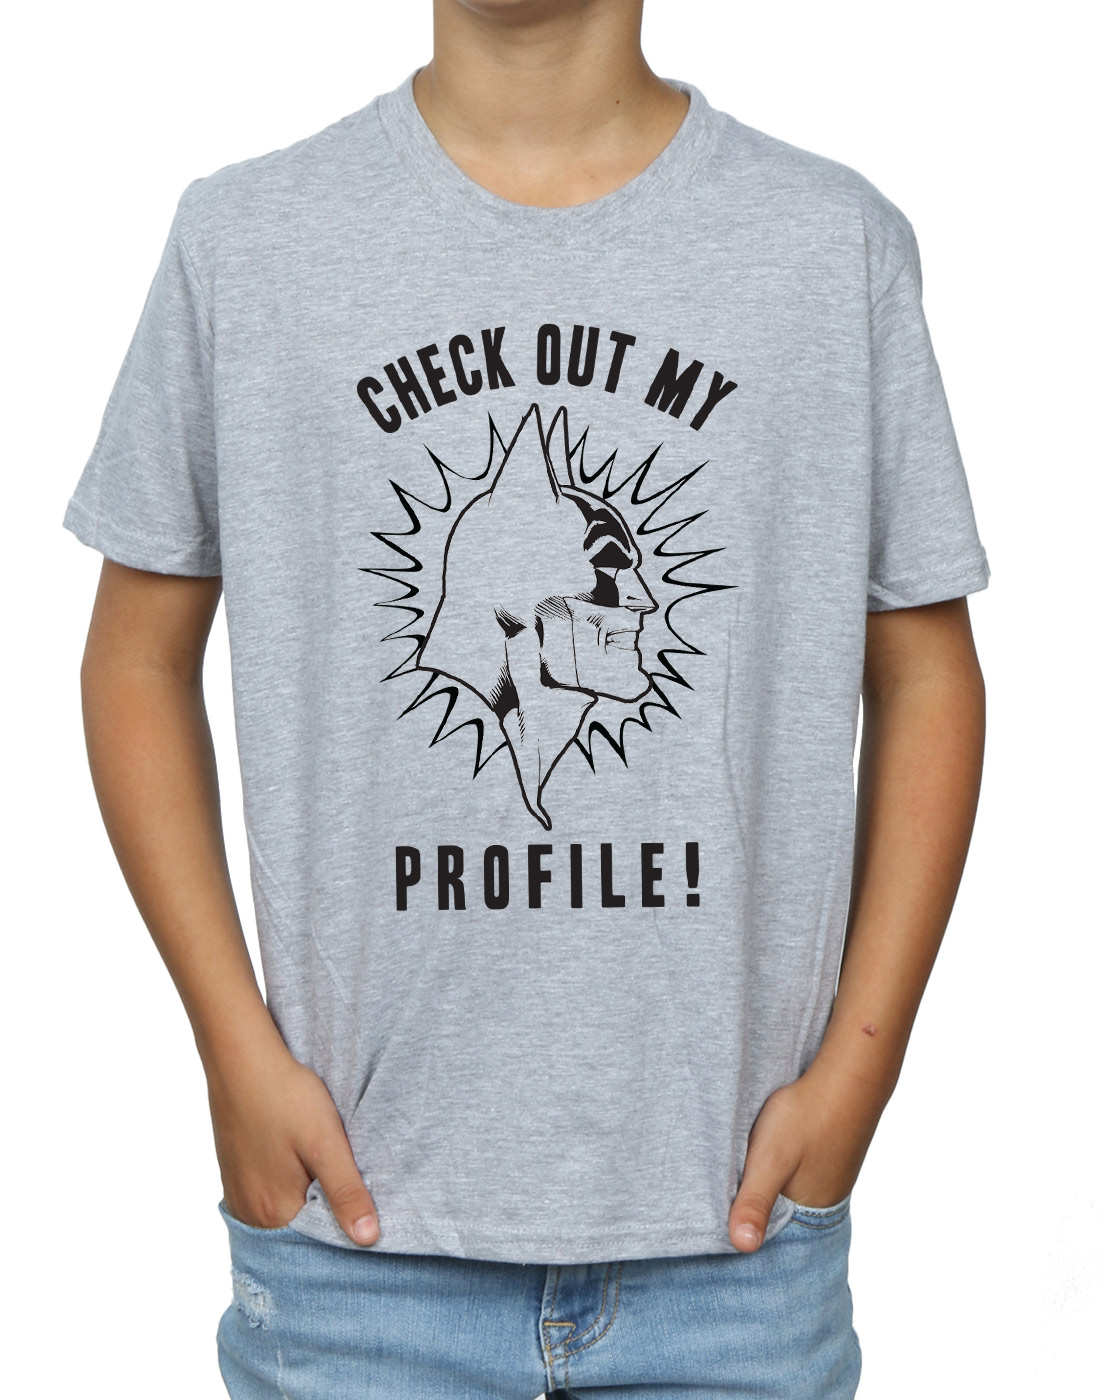 DC-Comics-Jungen-Batman-Check-Out-My-Profile-T-Shirt